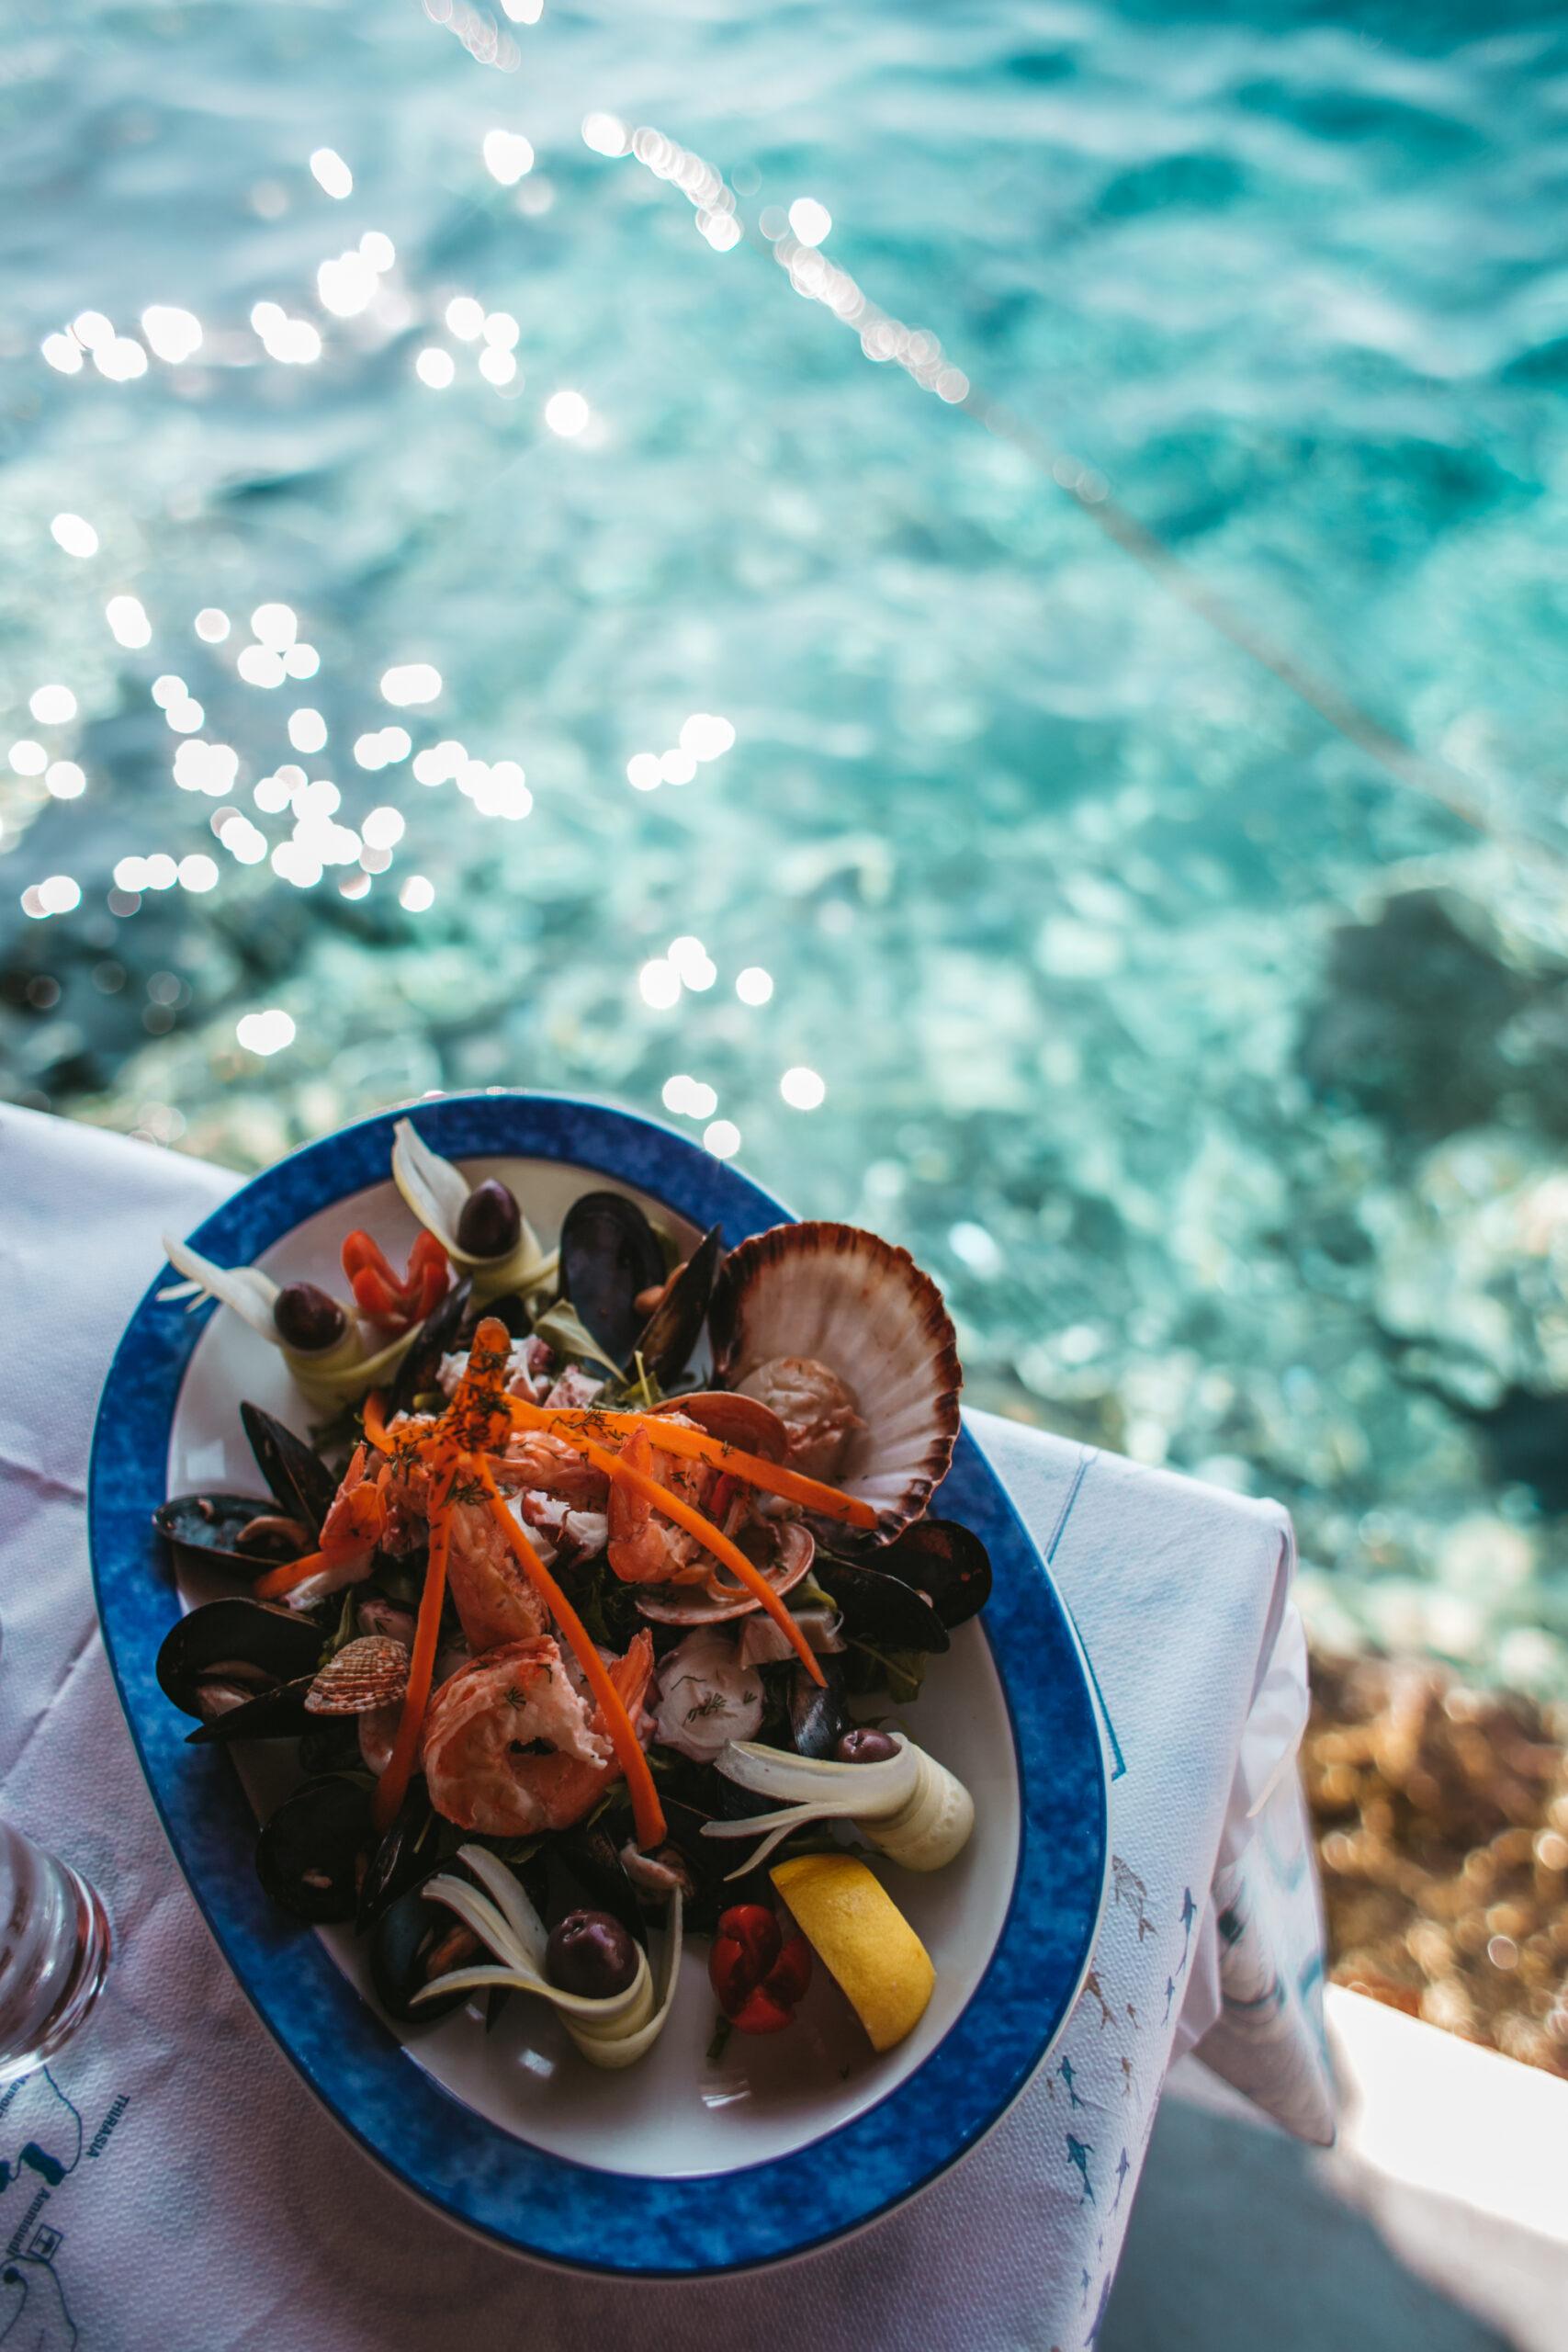 Owoce morza, seafood Santorini Oia, krewetki, małże, oliwki, cytryna, ośmiornice